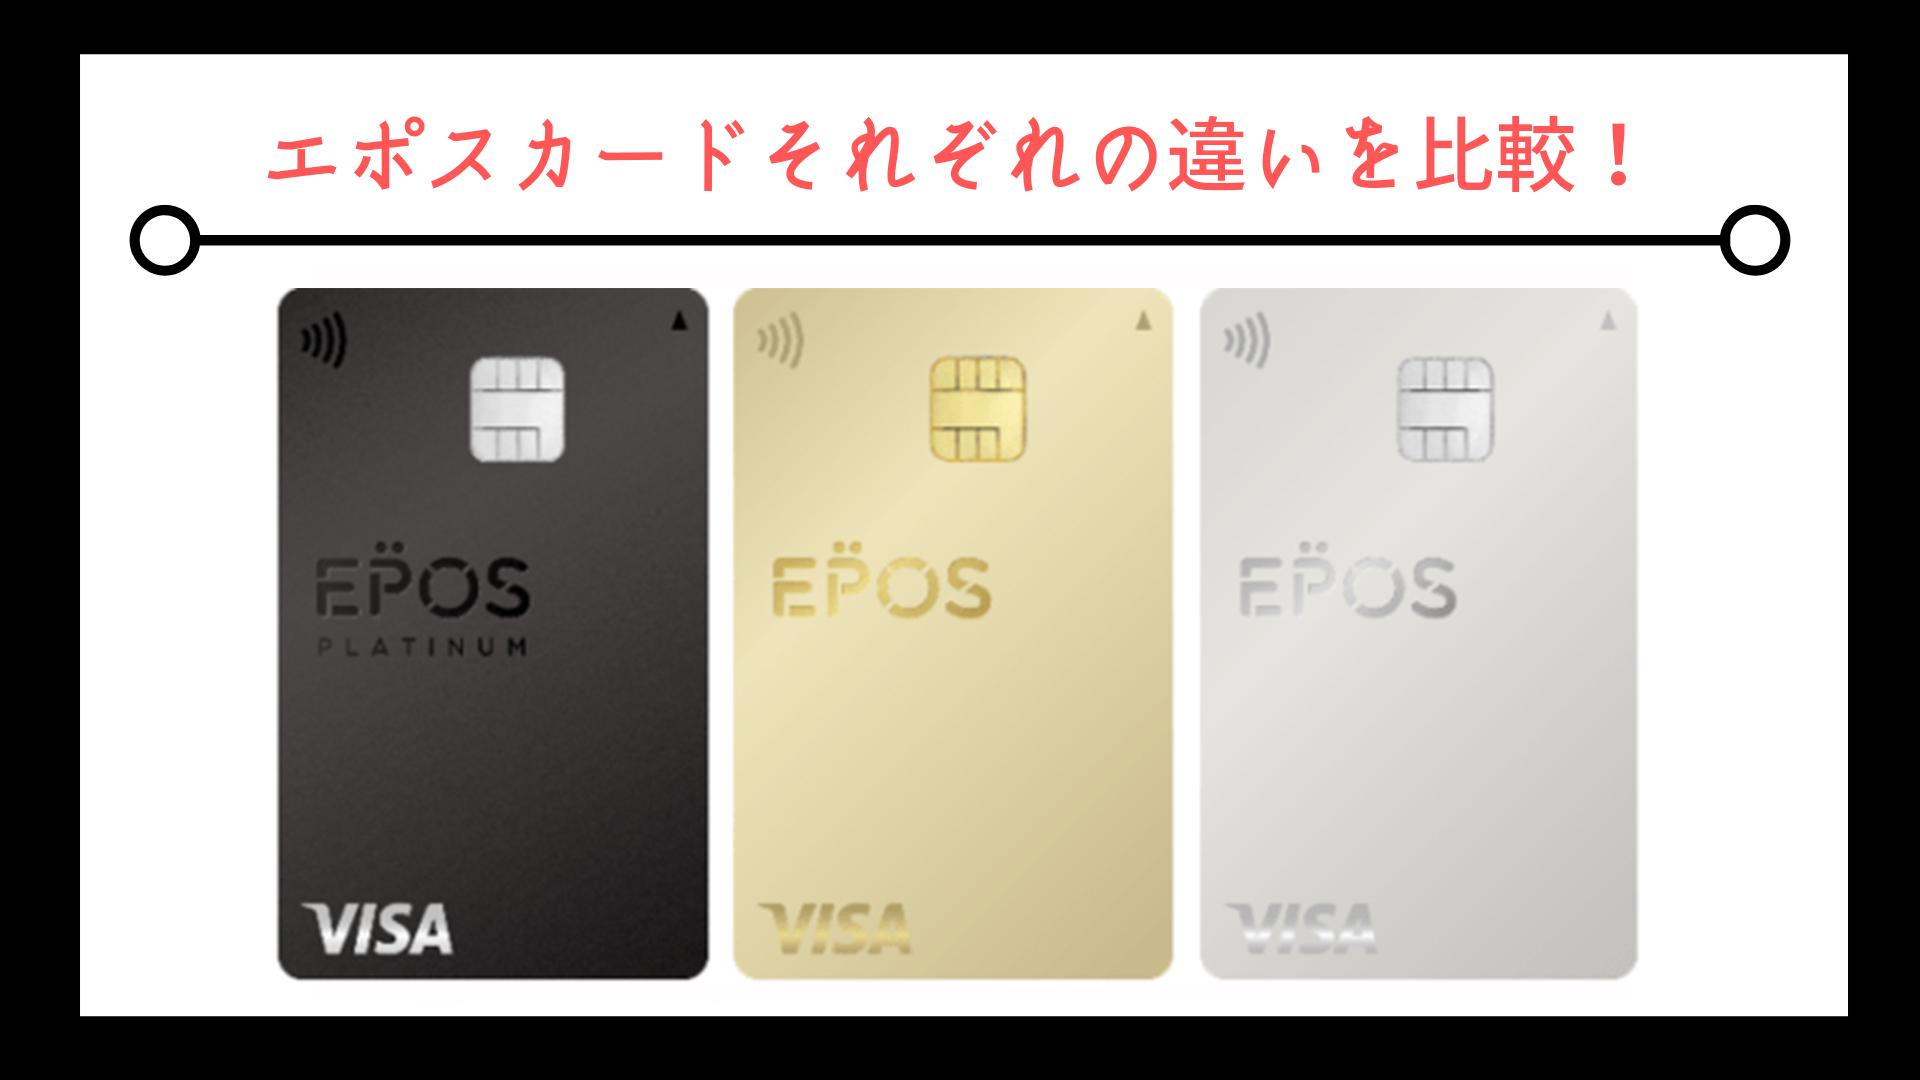 エポスゴールドカードとエポスプラチナカードの違いを比較